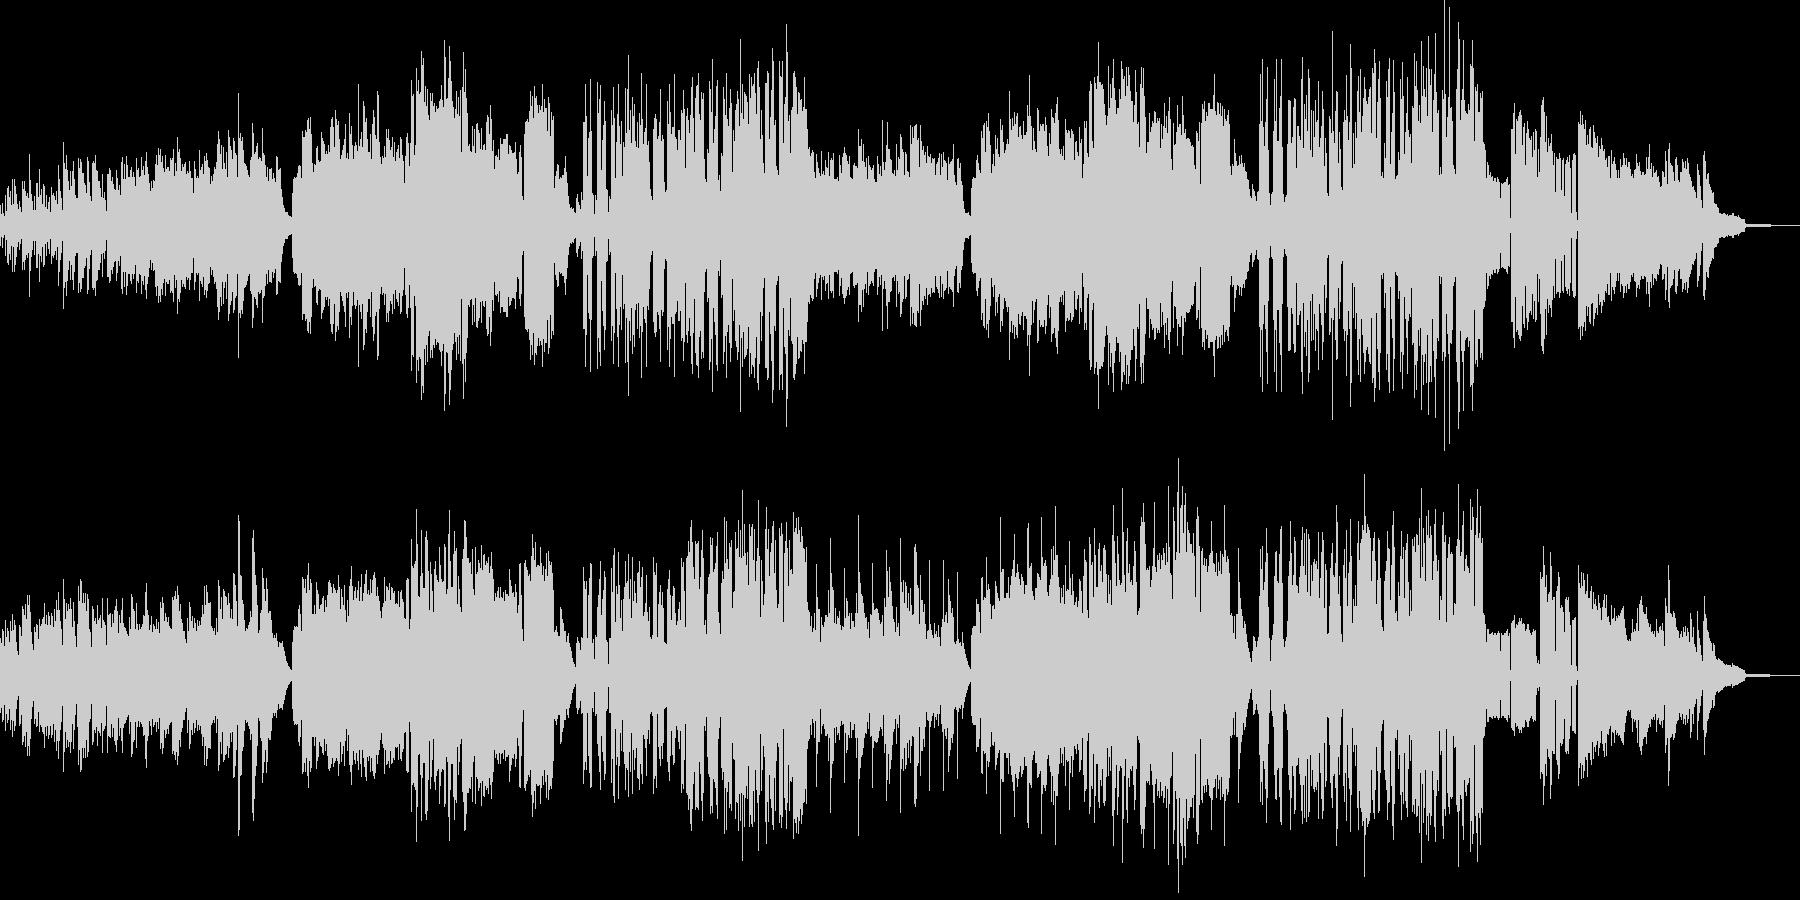 夕日が眩しい放課後の音楽授業イメージの未再生の波形